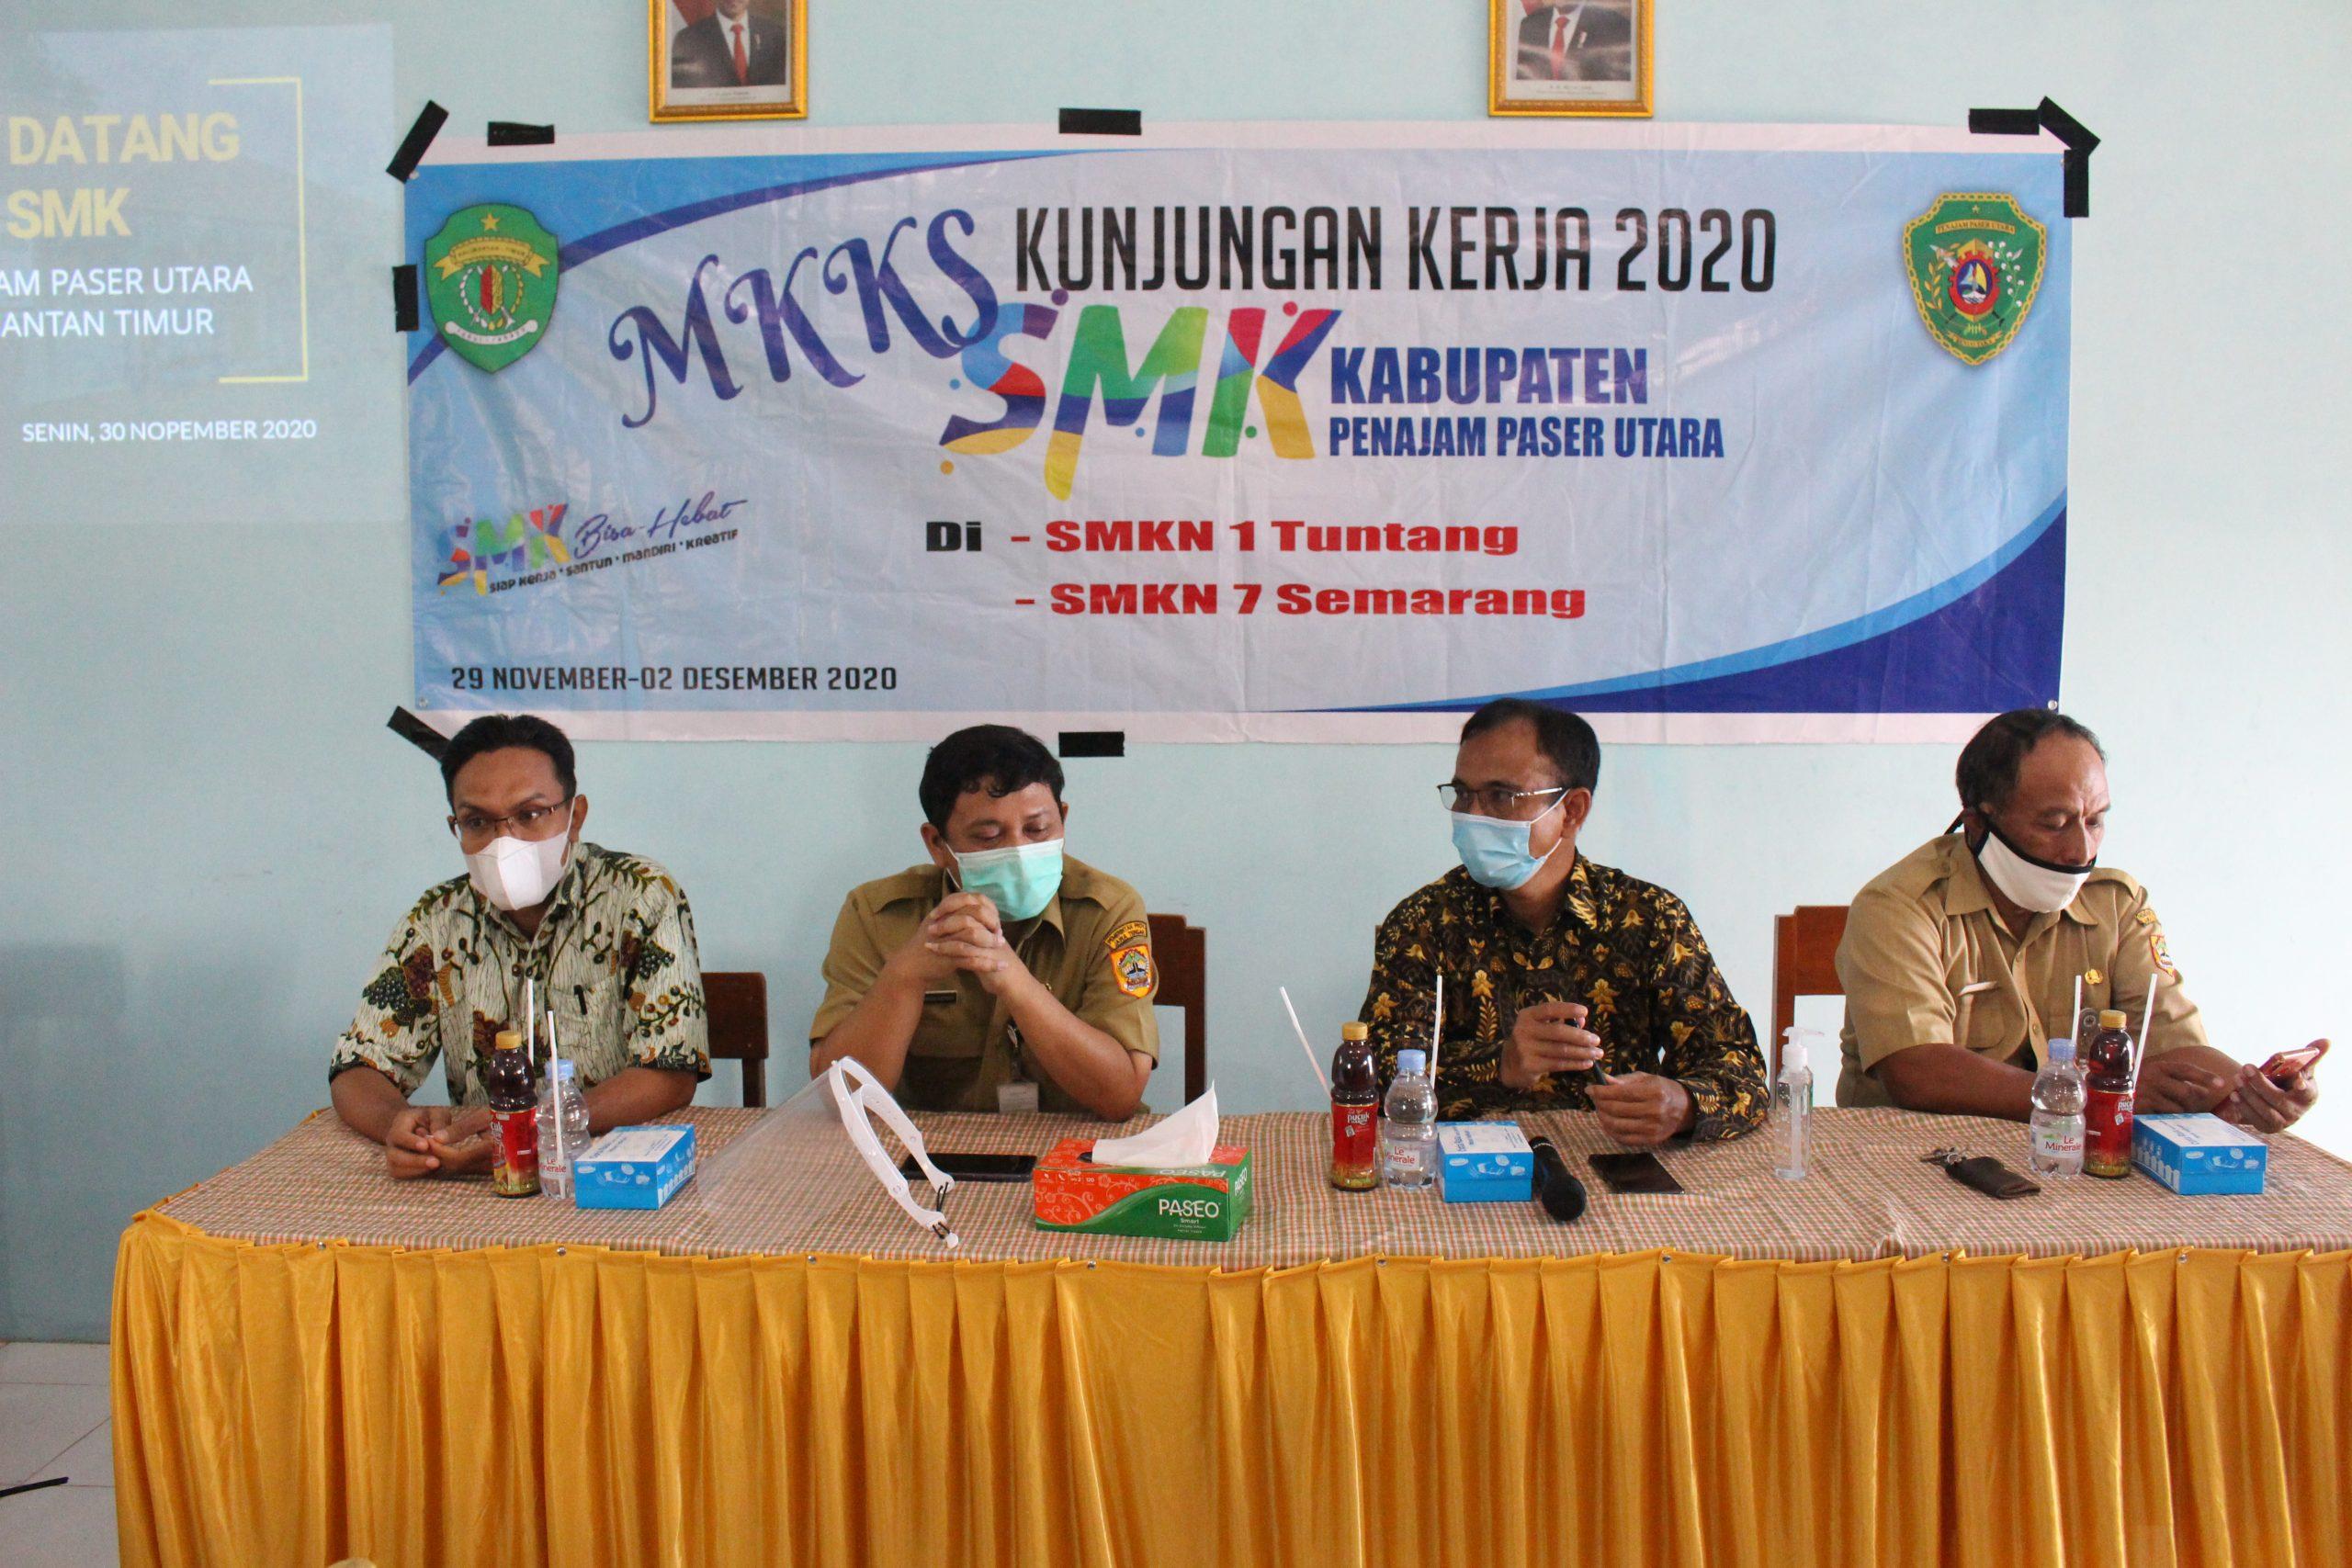 Studi Tiru Kepsek Kalimantan Timur, Salut Perkembangan SMK 1 TUNTANG